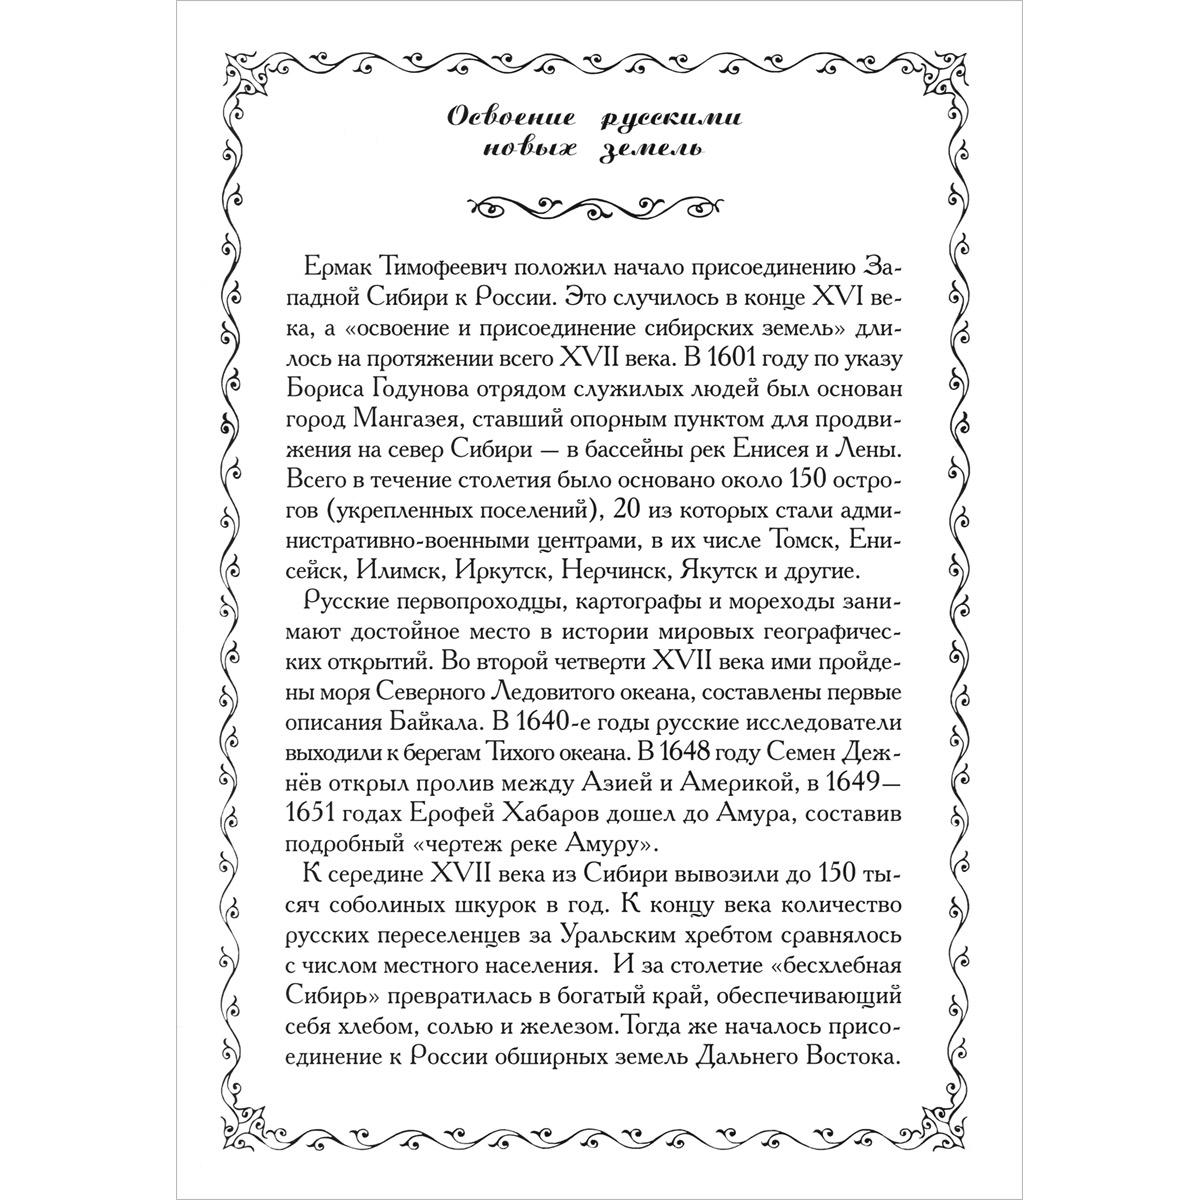 Русская История в картинах. Выпуск 6. Начало династии Романовых. 1613–1682 гг. (набор из 24 репродукций)